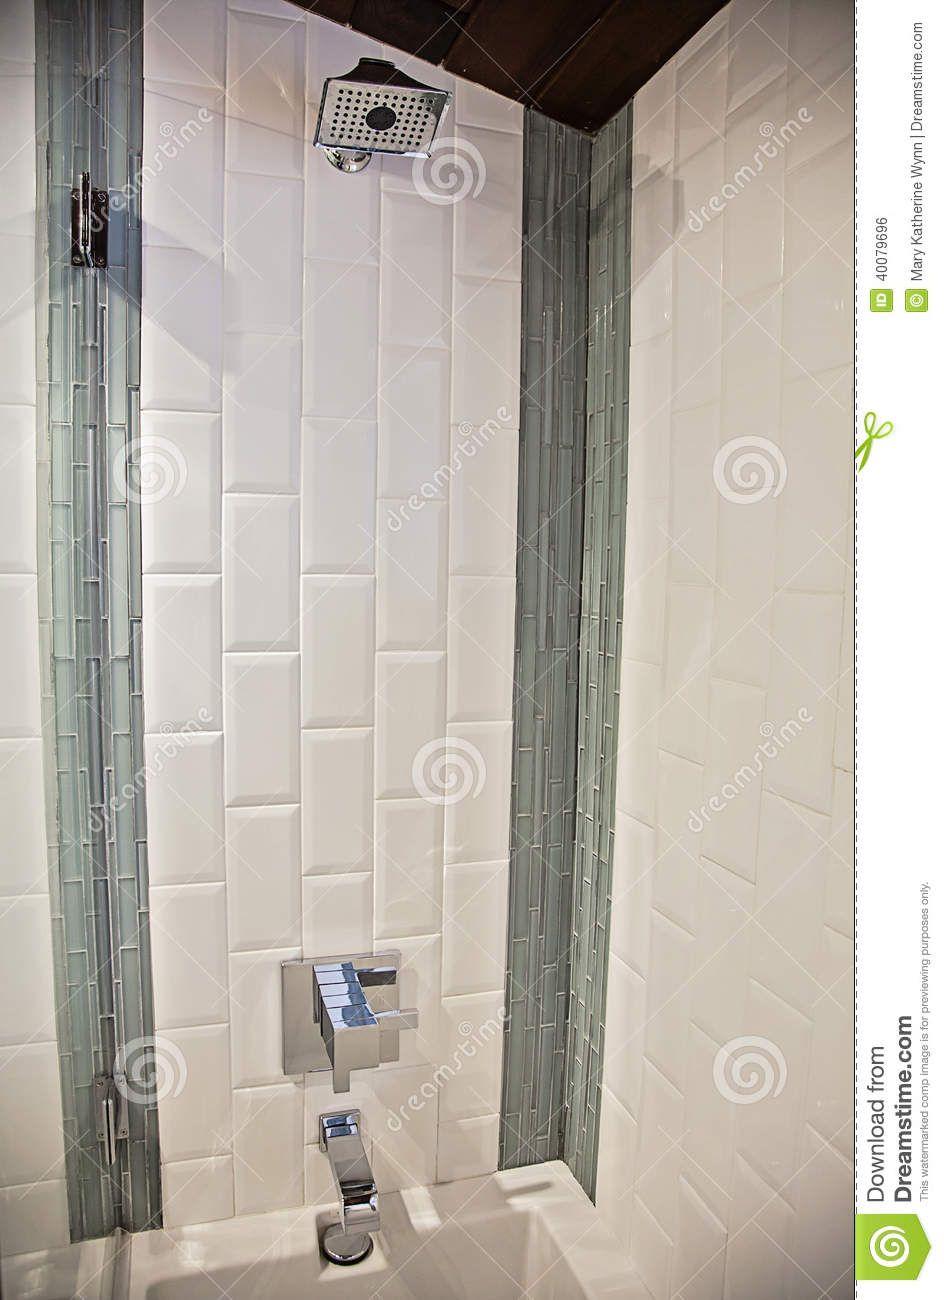 image result for images bathroom tile vertical designs